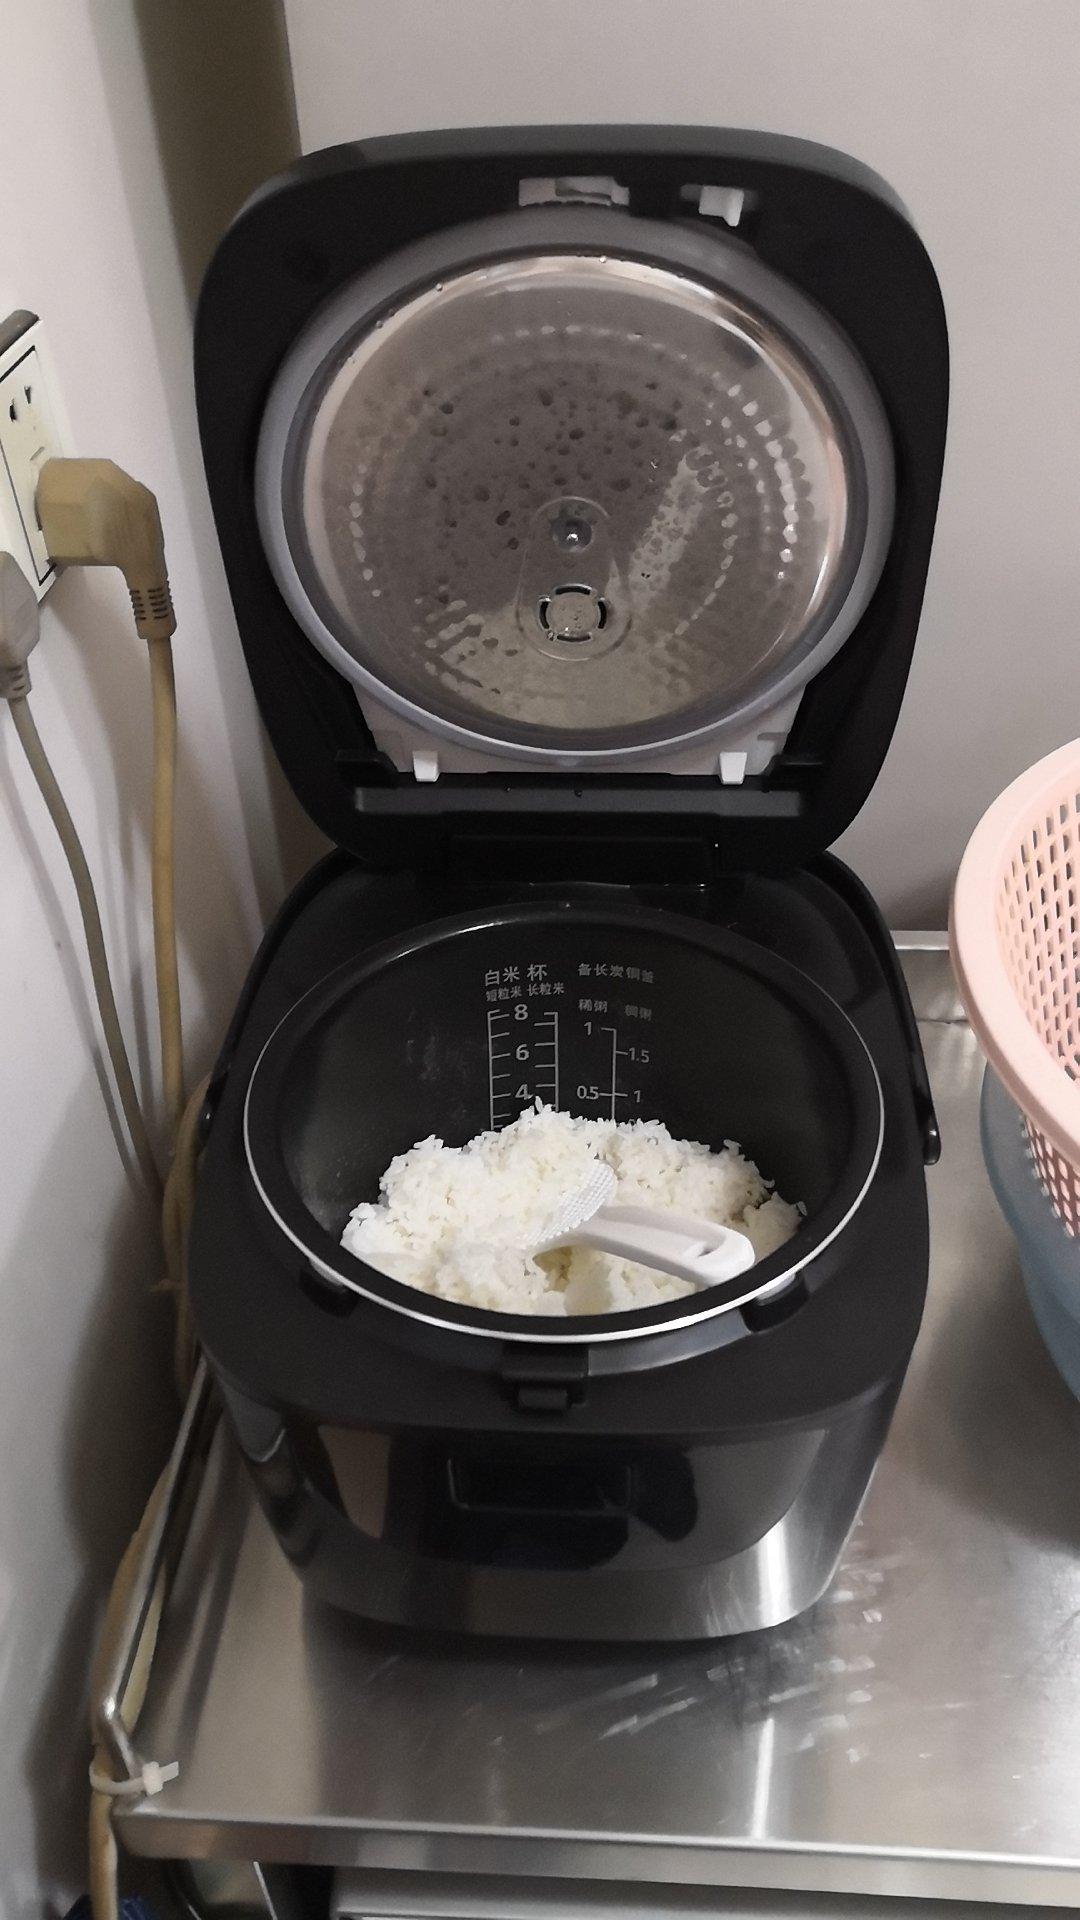 松下4LIH电磁加热电饭煲,24小时预约懒人也能做美食